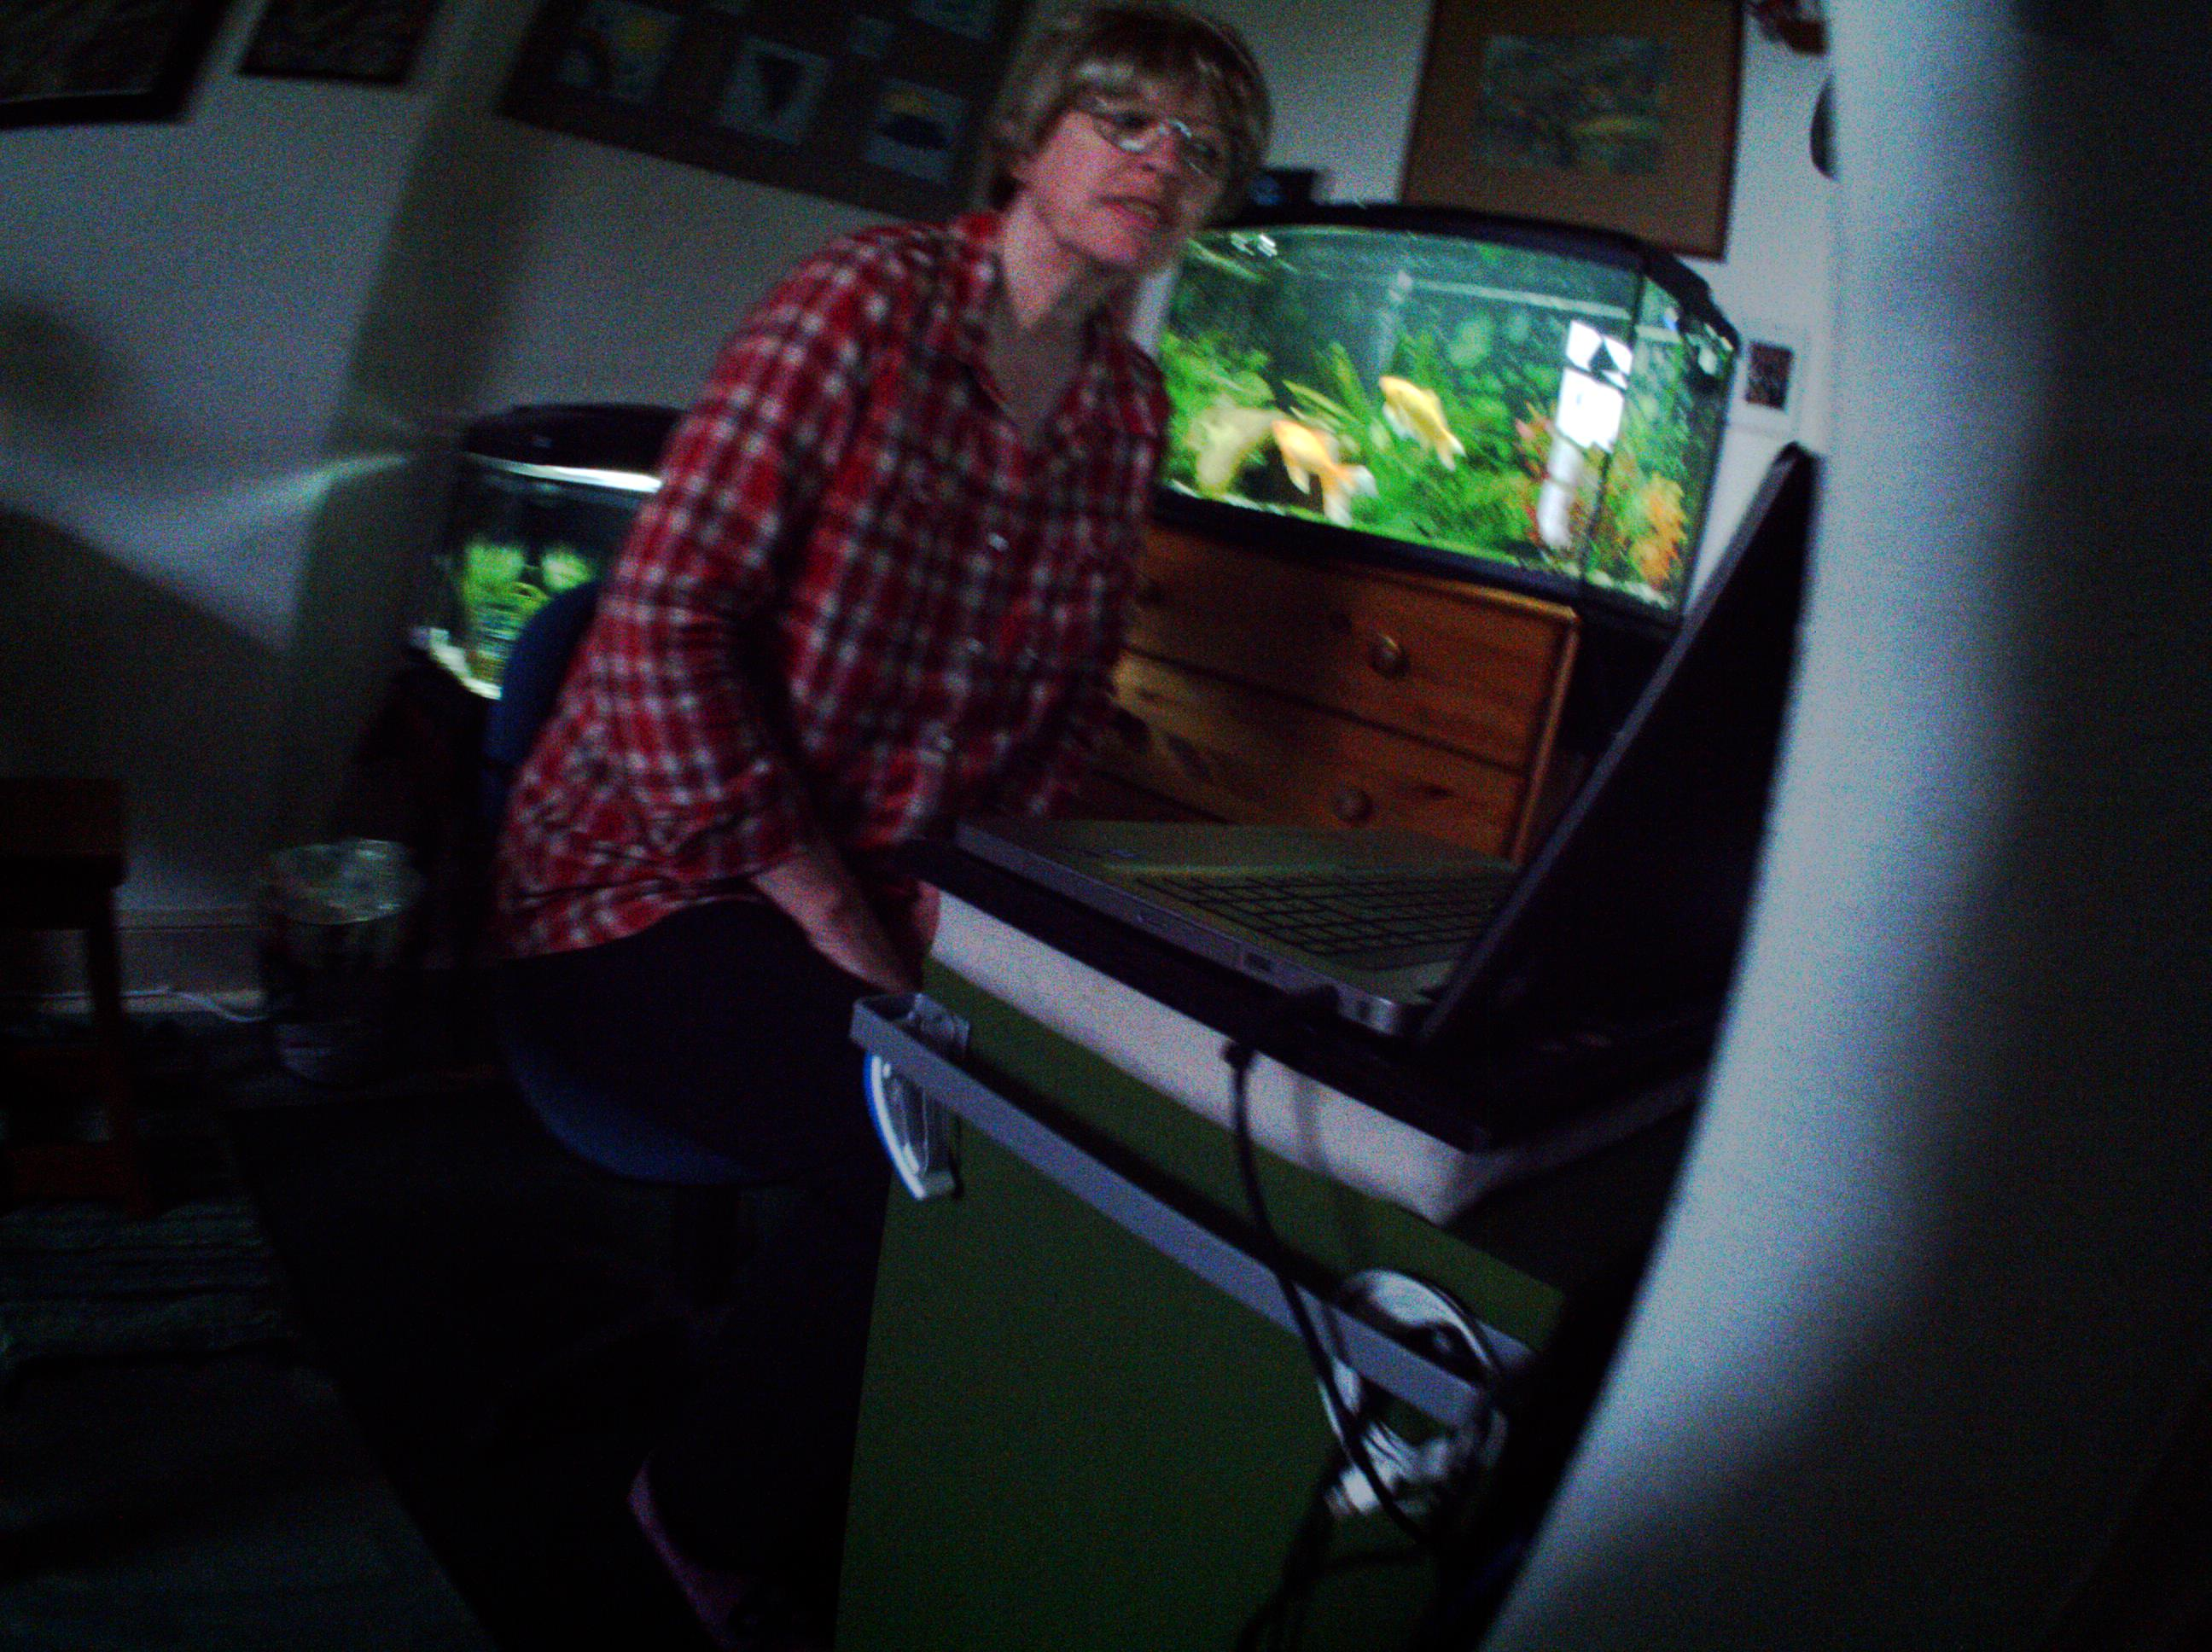 Autographer 2013 08 01 Kitchen Laptop